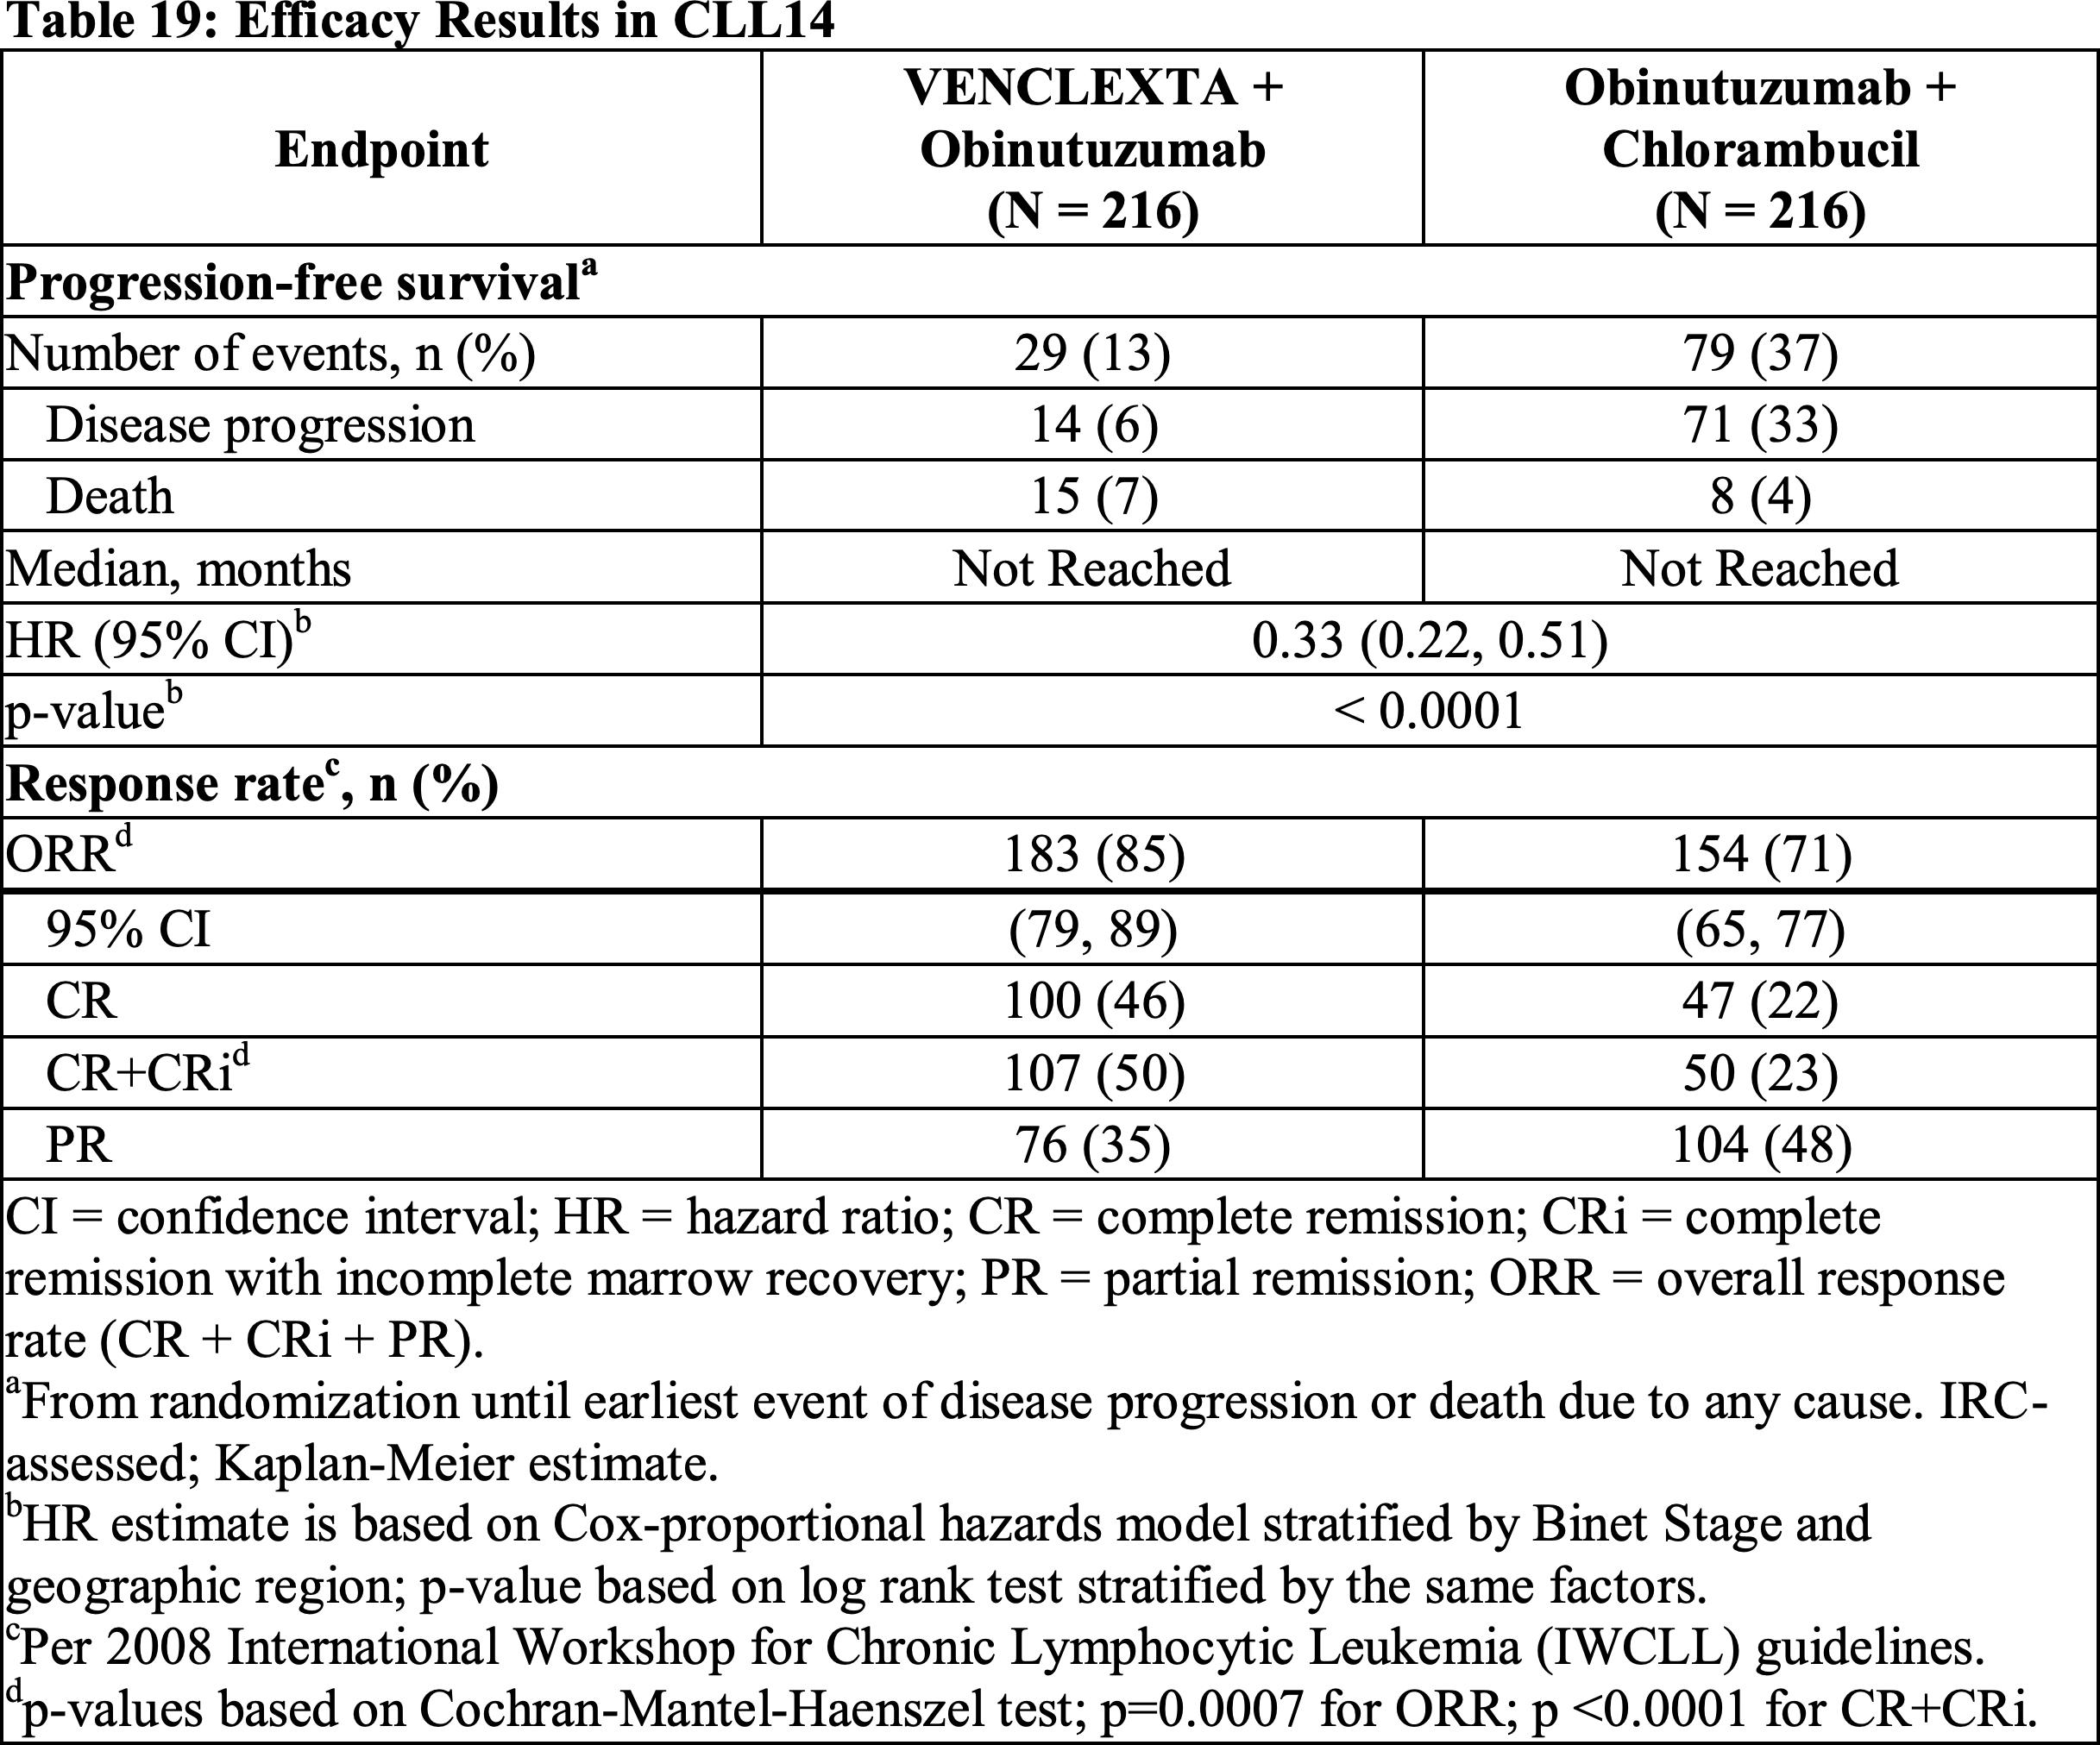 Венетоклакс плюс обинутузумаб: новая первоочередная терапия хронического лимфоцитарного лейкоза